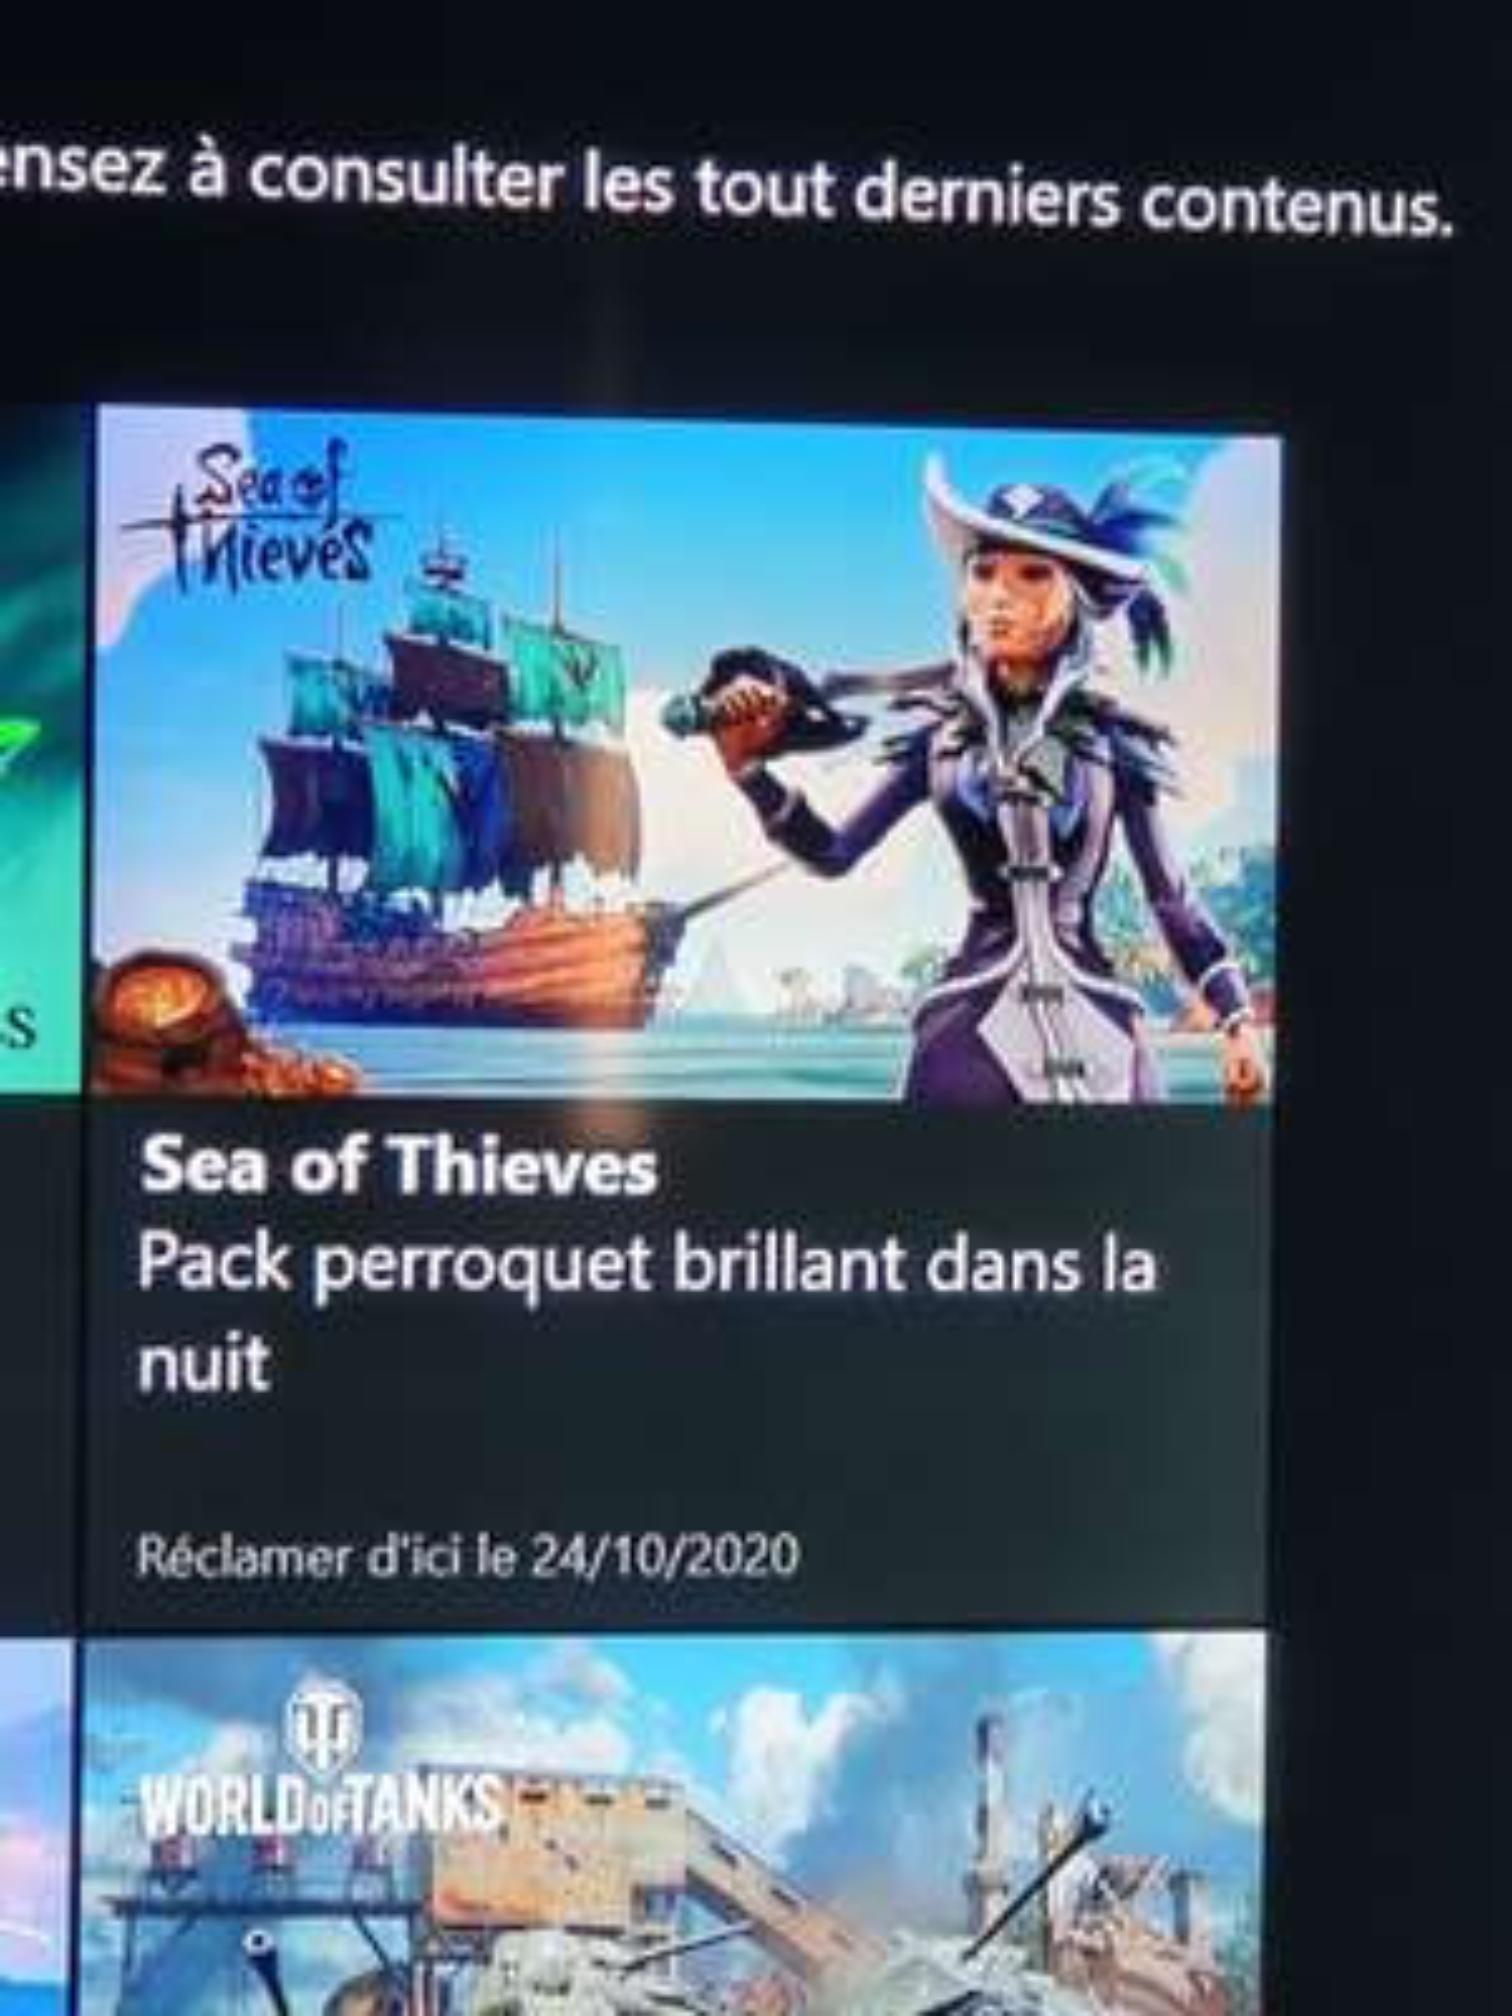 [Game Pass Ultimate] Pack perroquet brillant dans la nuit gratuit pour Sea of Thieves (Dématérialisé)